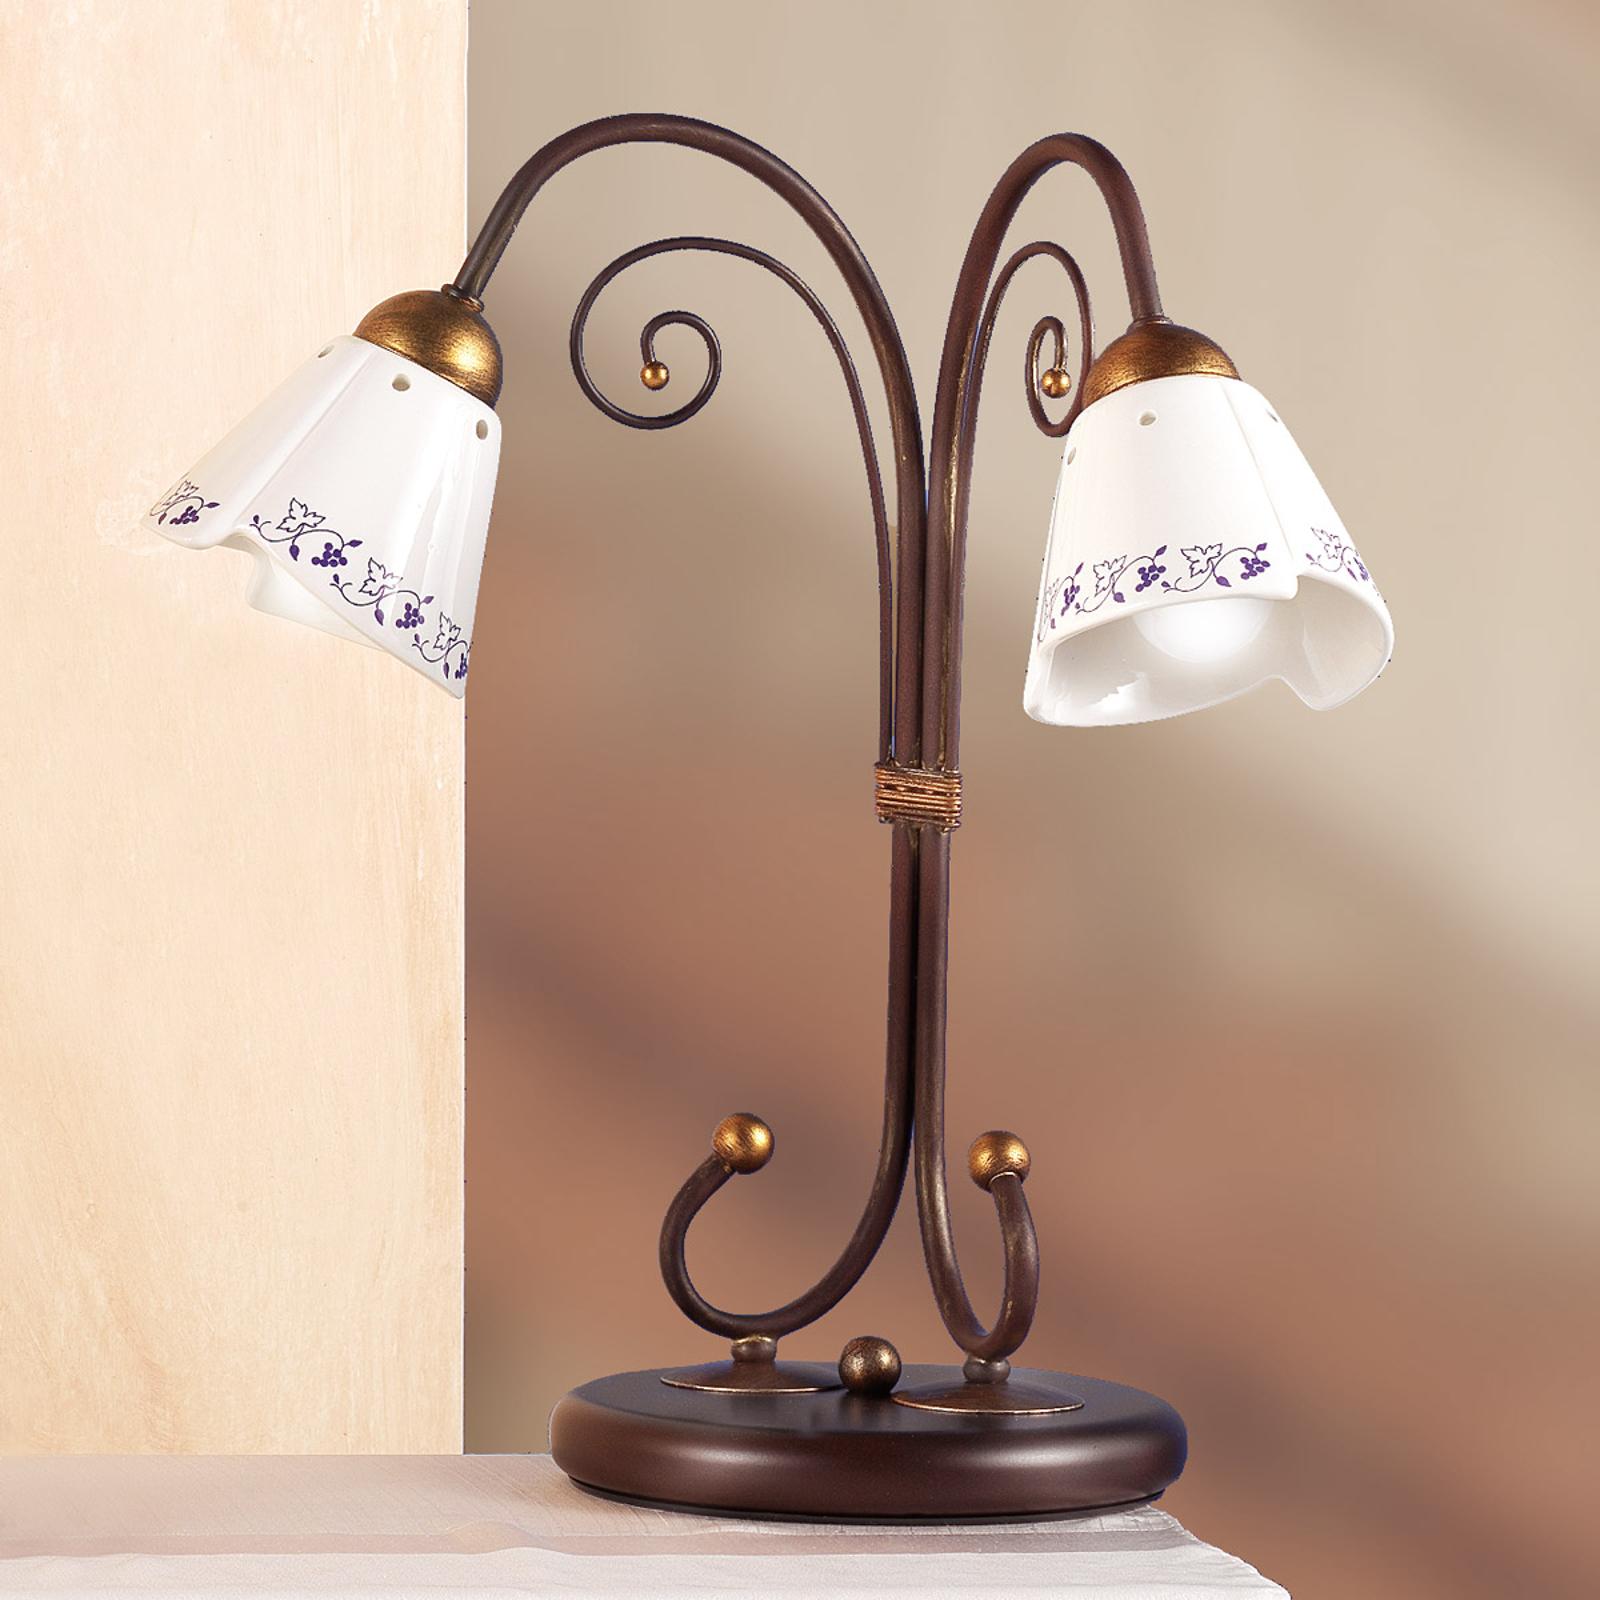 Elegant CARTOCCIO bordlampe med to lys